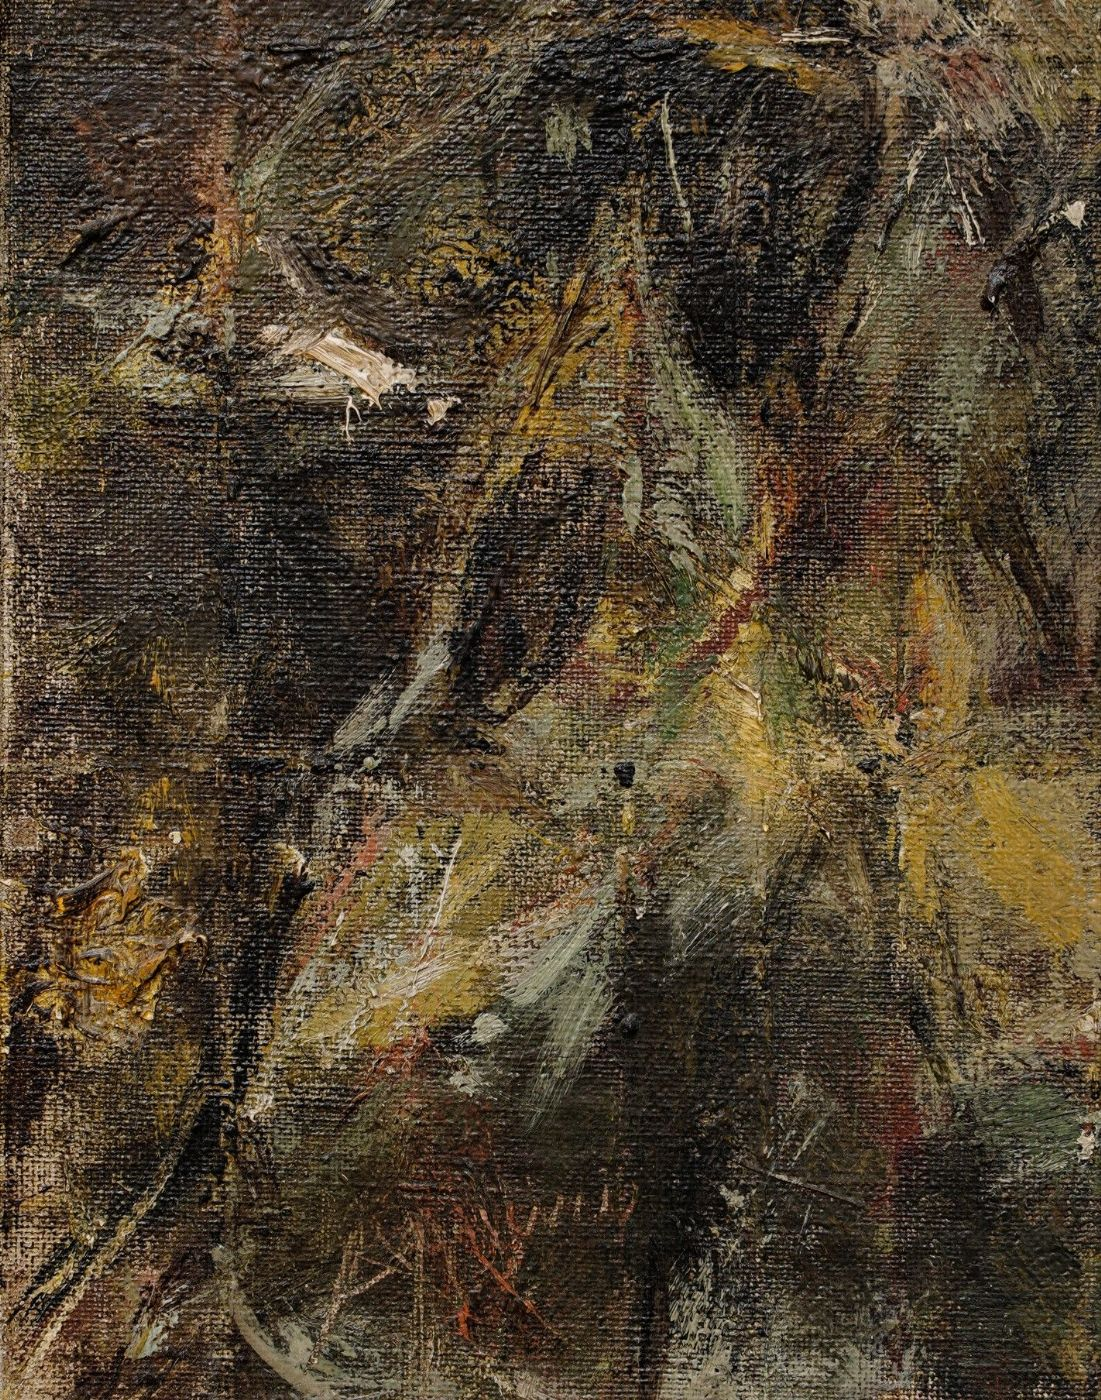 thumb2|Il chierichetto - Antonio Mancini - 1852-1930